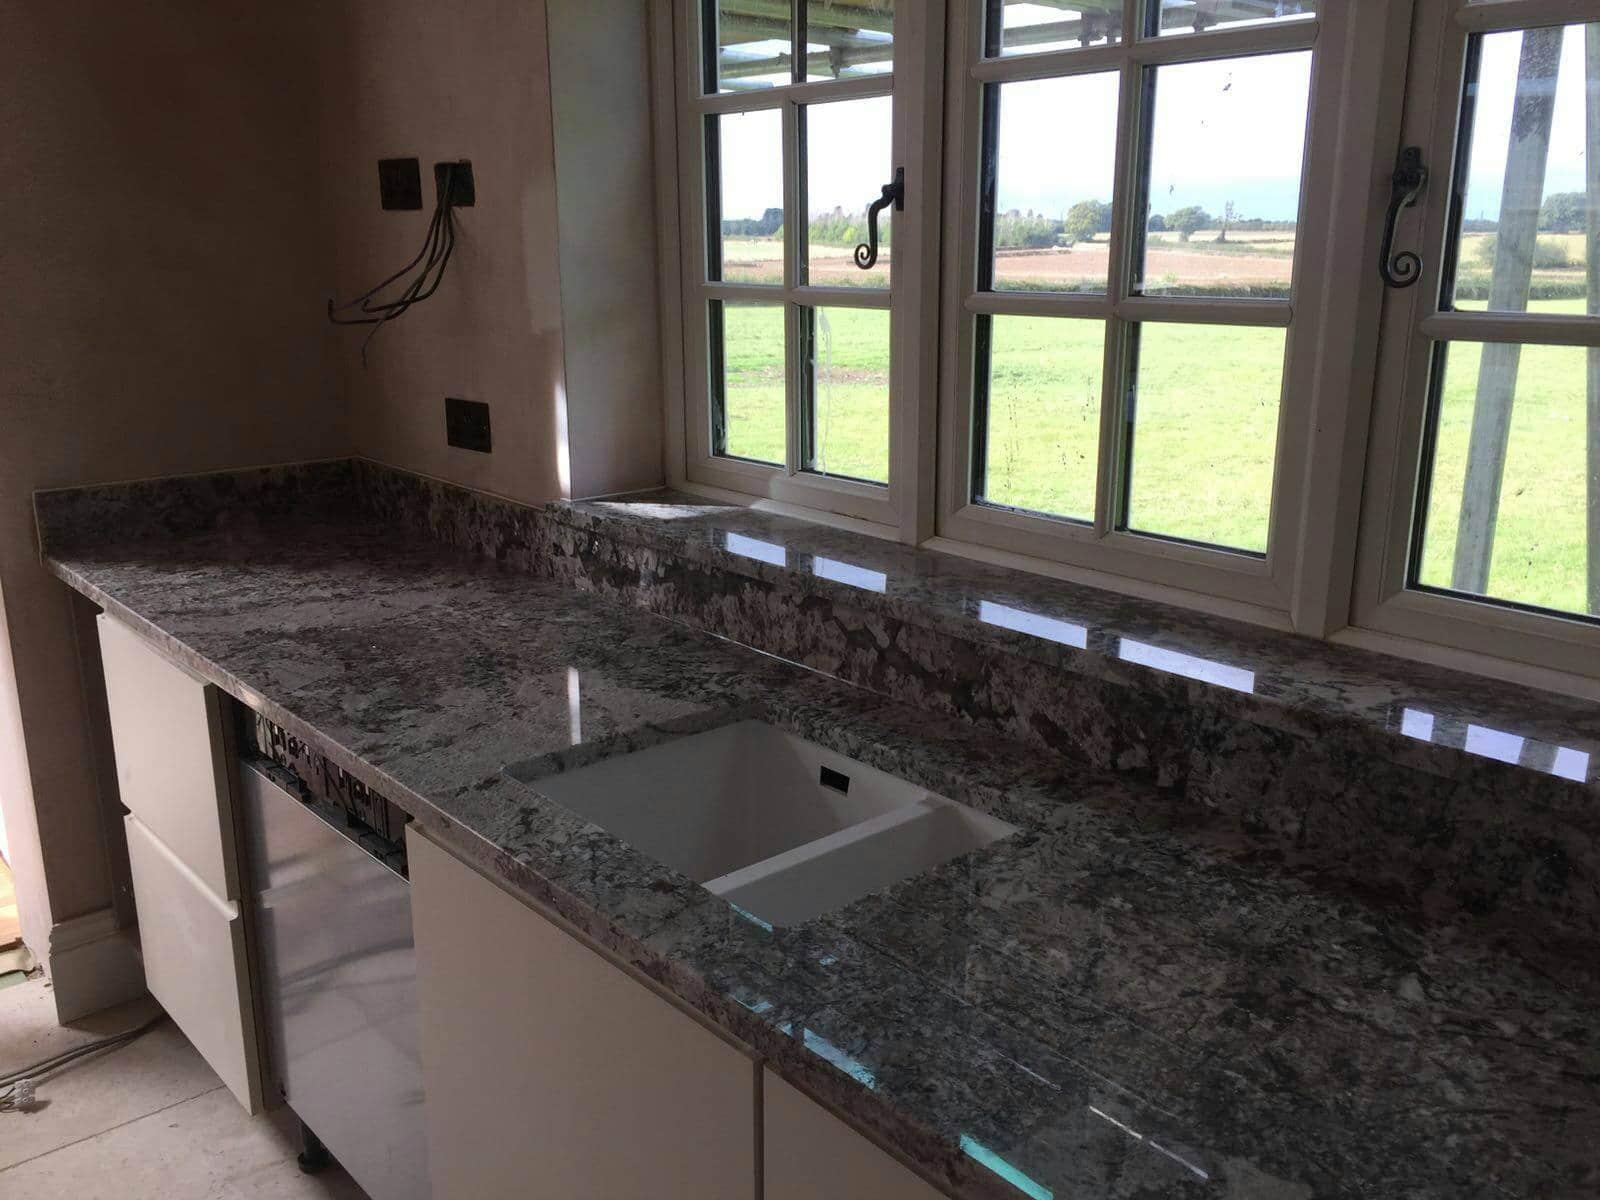 Granite Kitchen Worktops Jupenara Terrone Granite By Rock Co Rock And Co Granite Ltd